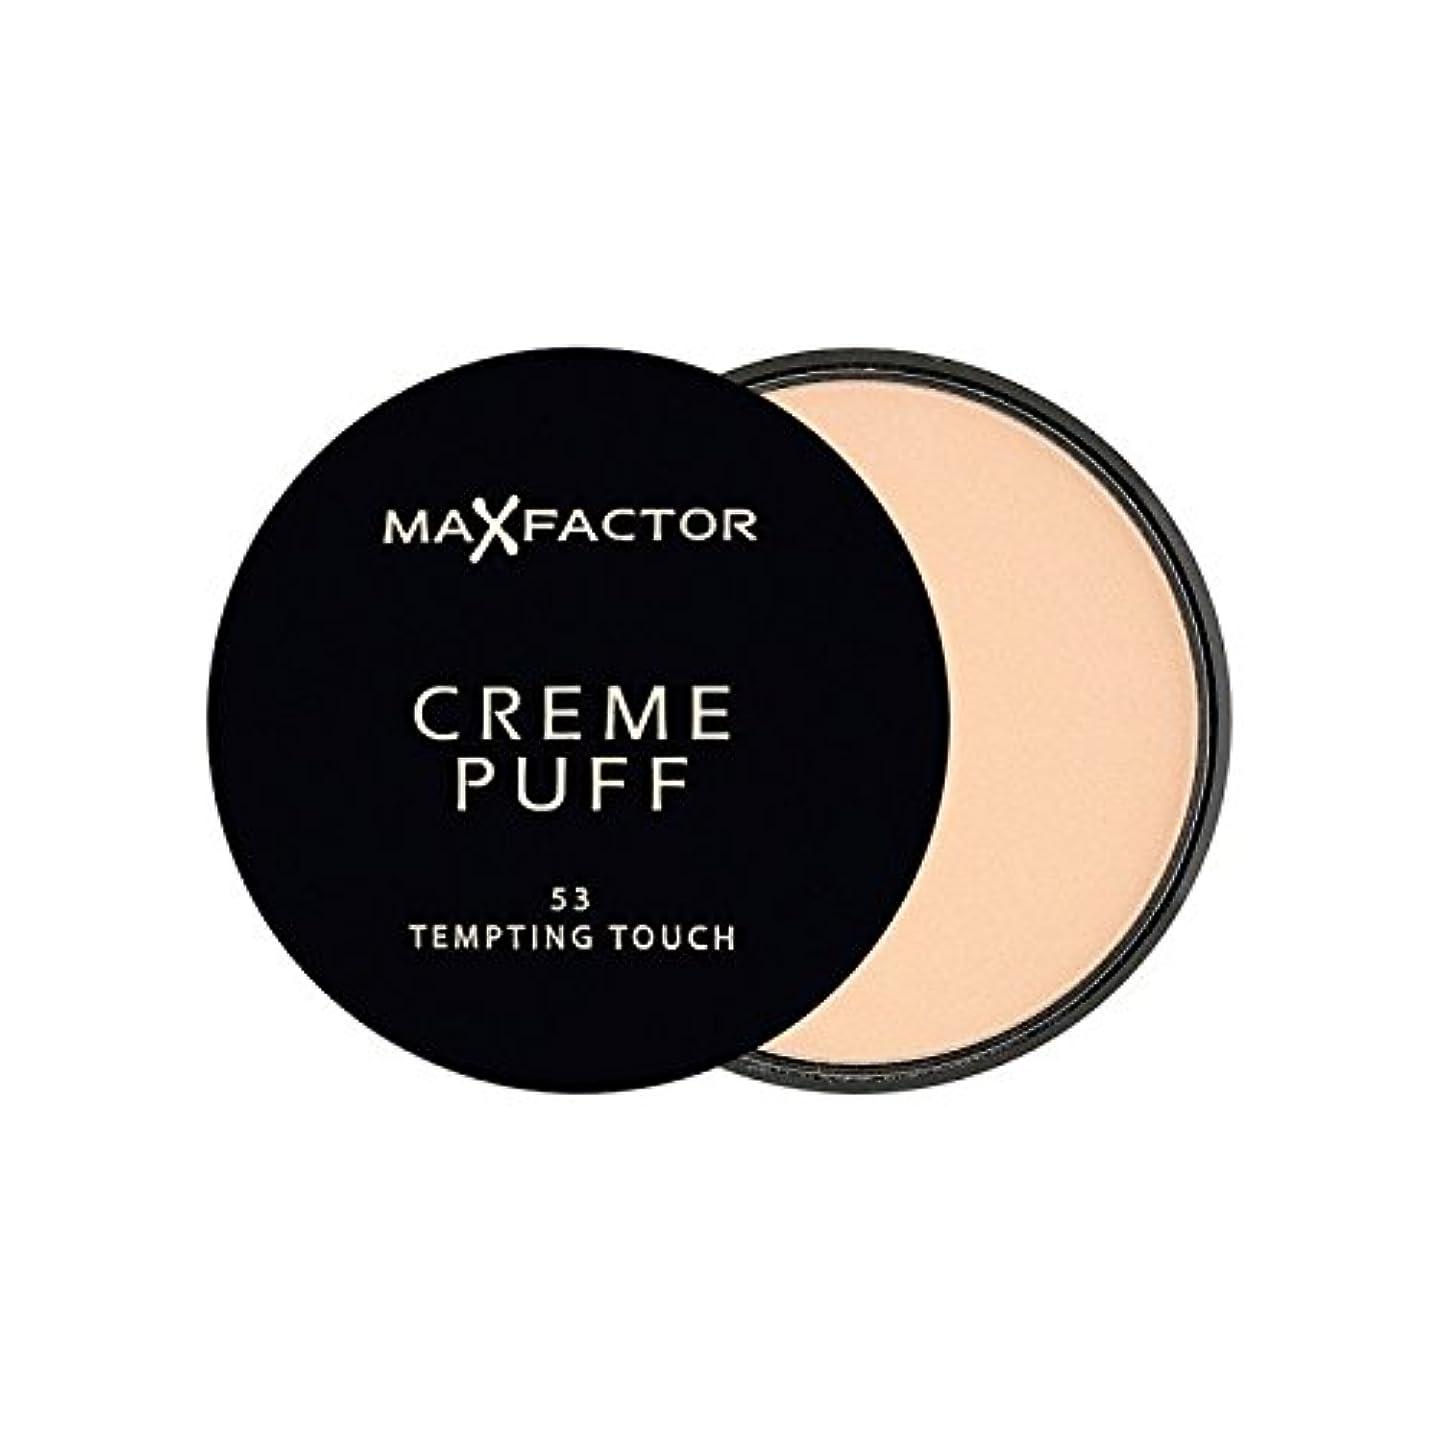 上級依存ペチコートマックスファクタークリームパフパウダーコンパクト魅力的なタッチ53 x4 - Max Factor Creme Puff Powder Compact Tempting Touch 53 (Pack of 4) [並行輸入品]